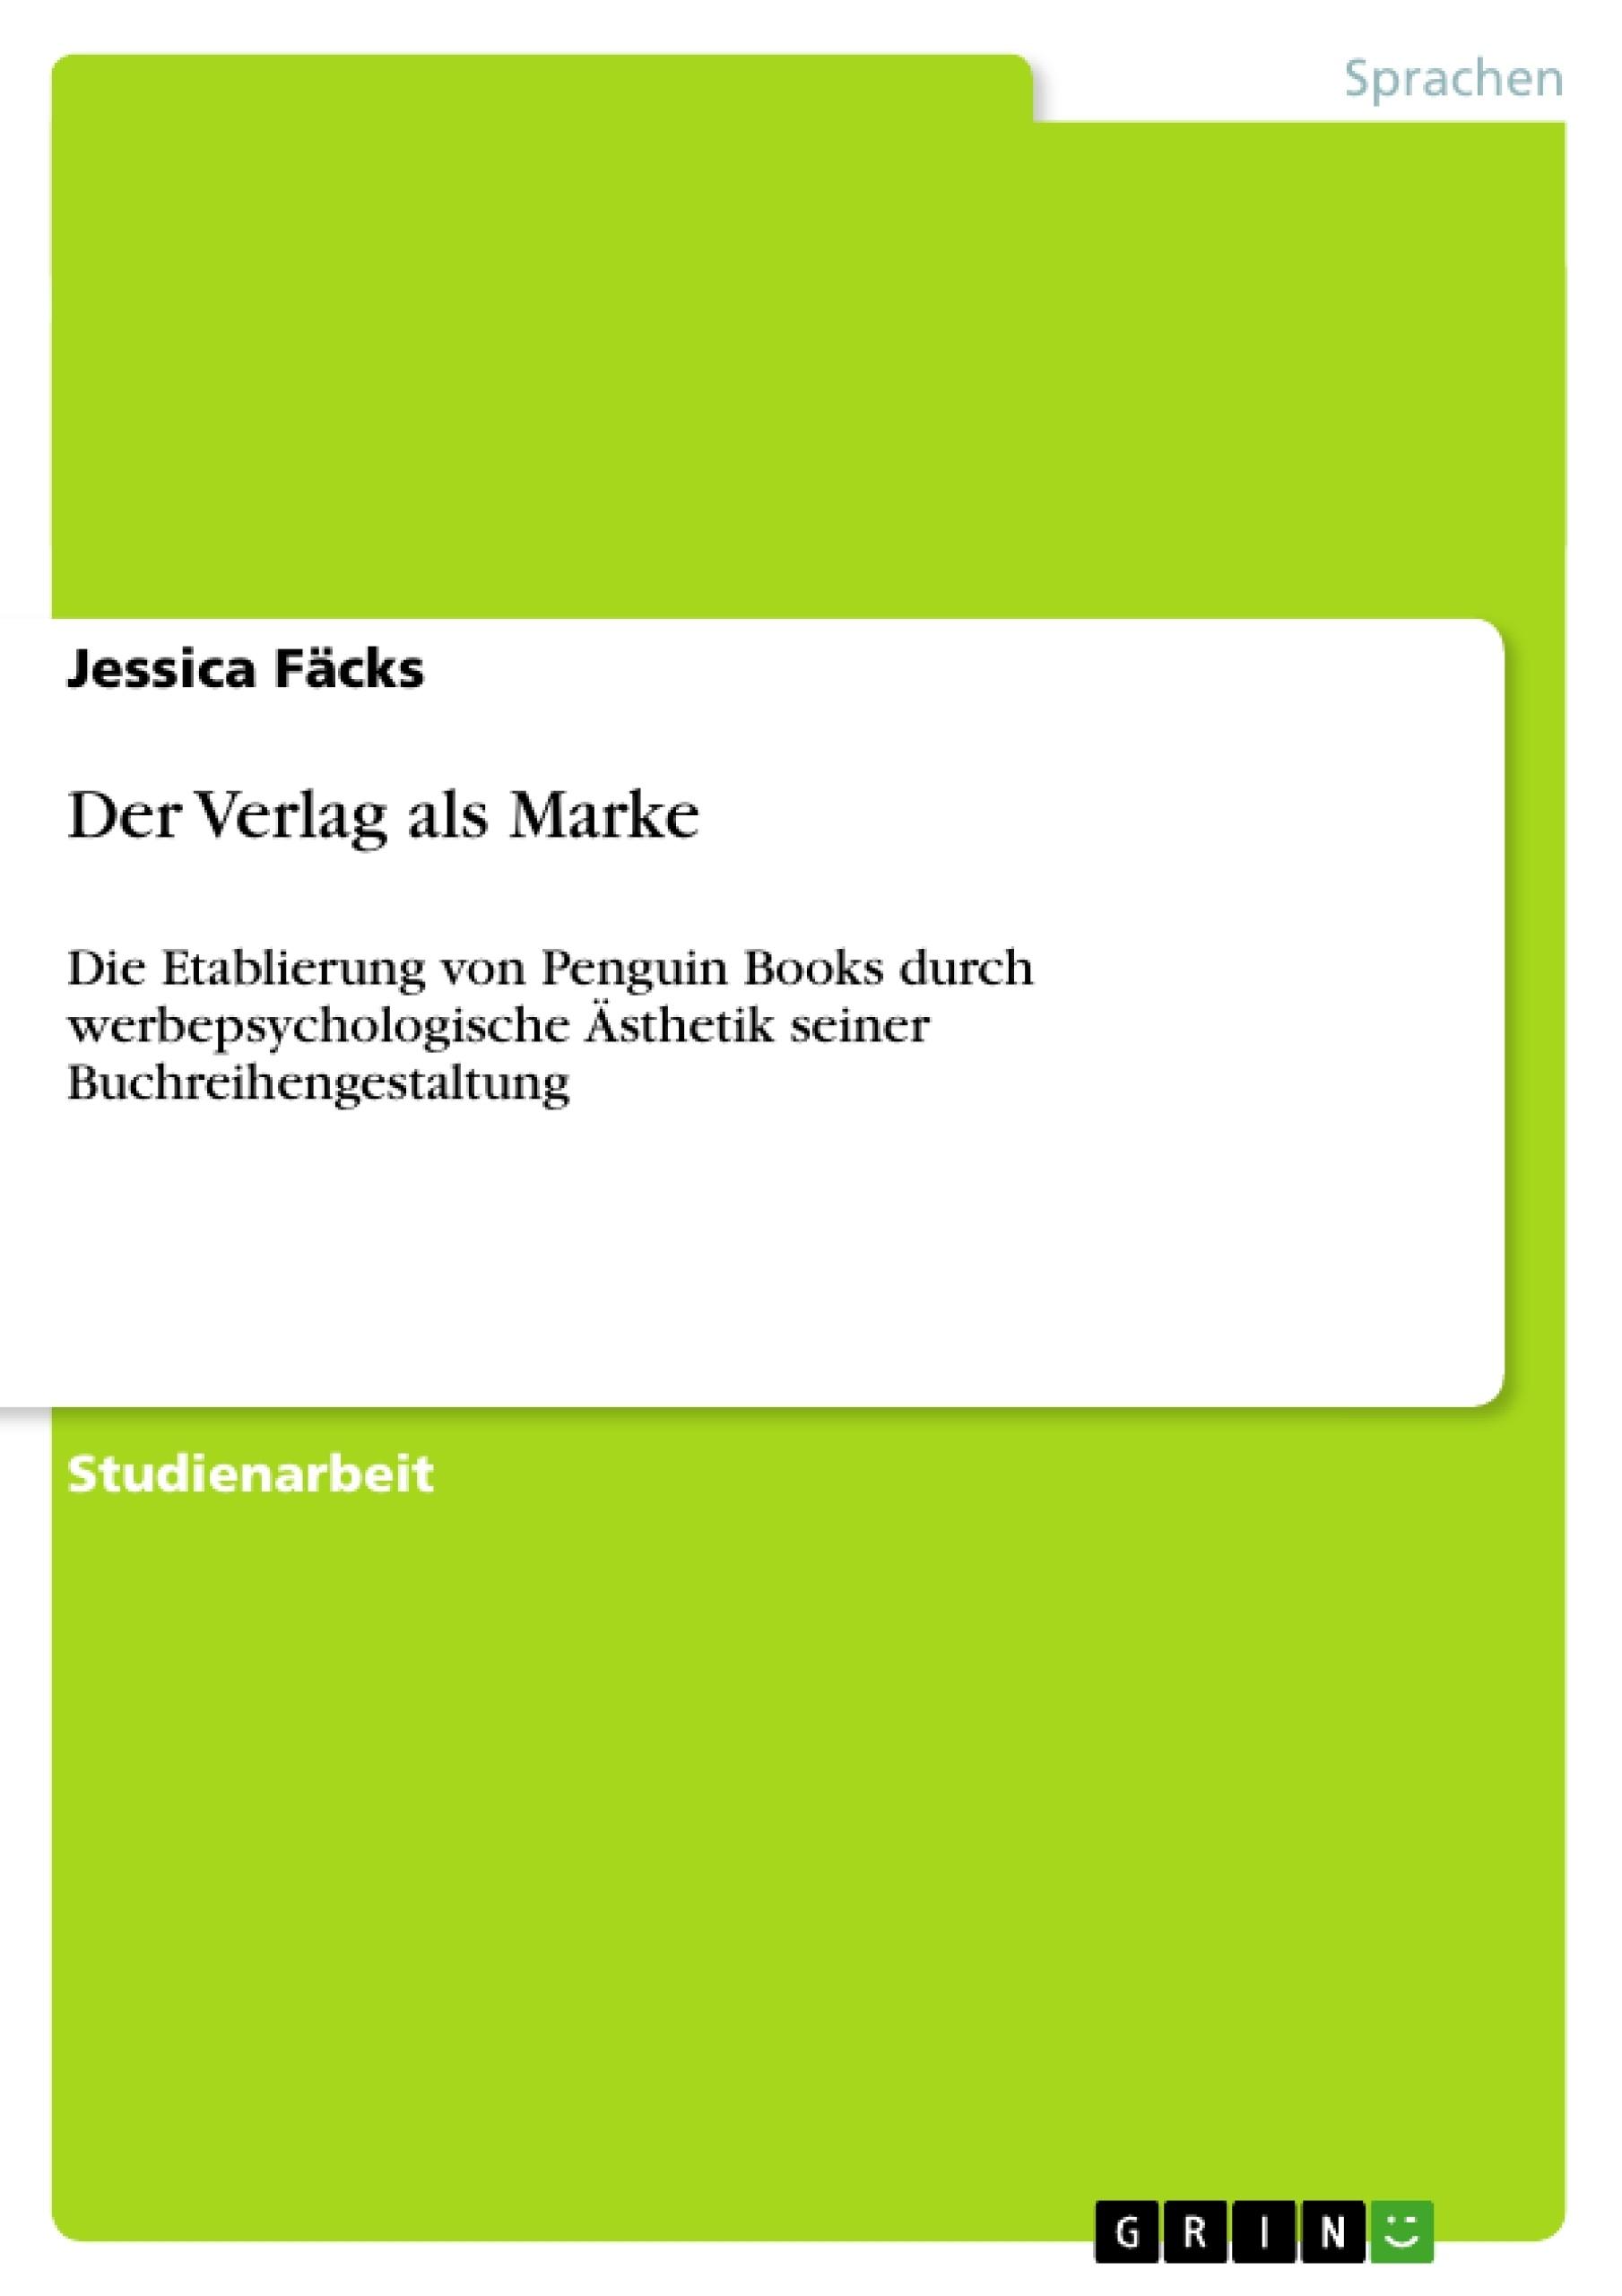 Titel: Der Verlag als Marke